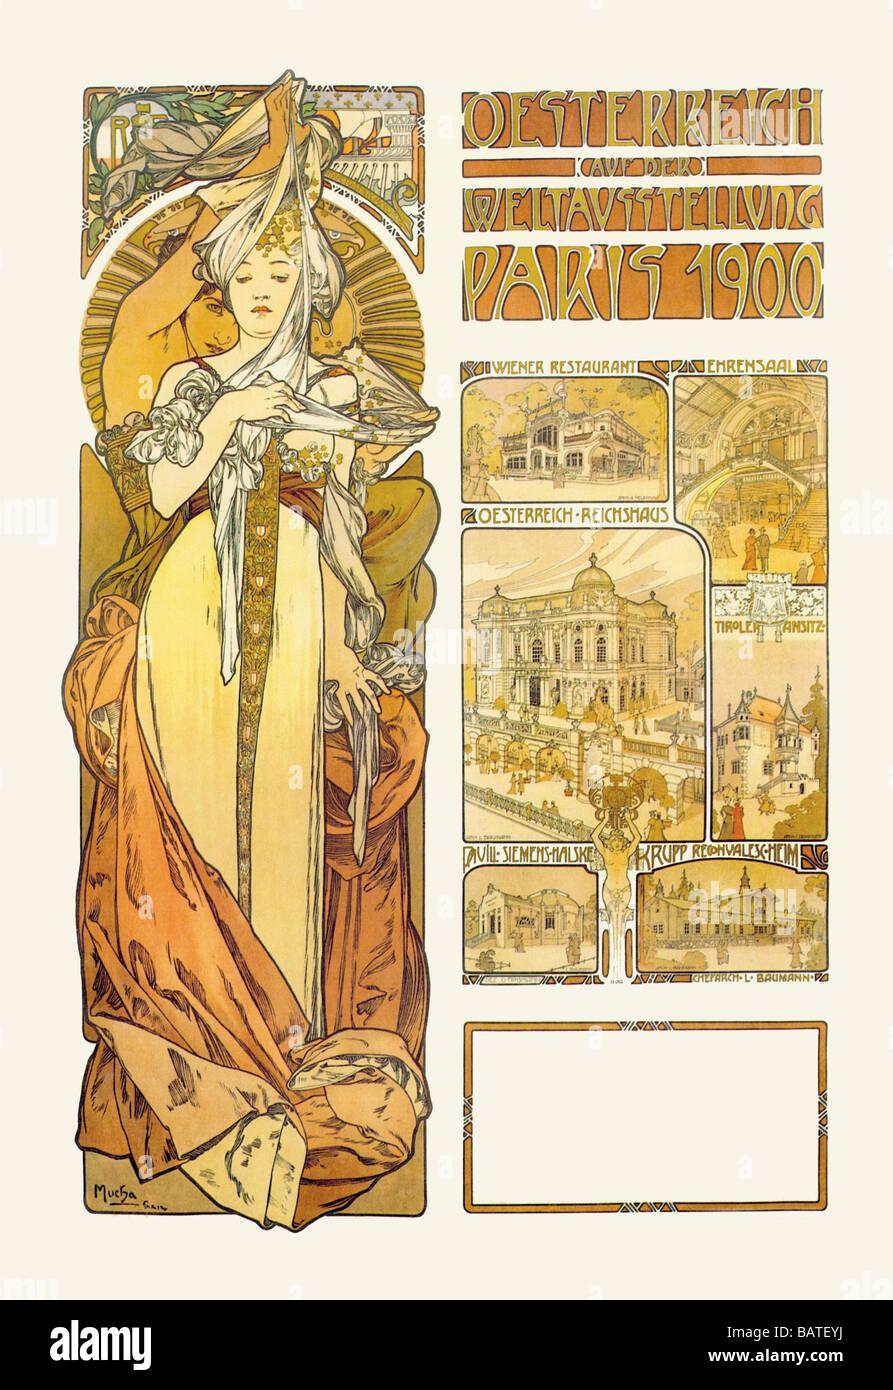 Österreich: 1900 Stockfoto